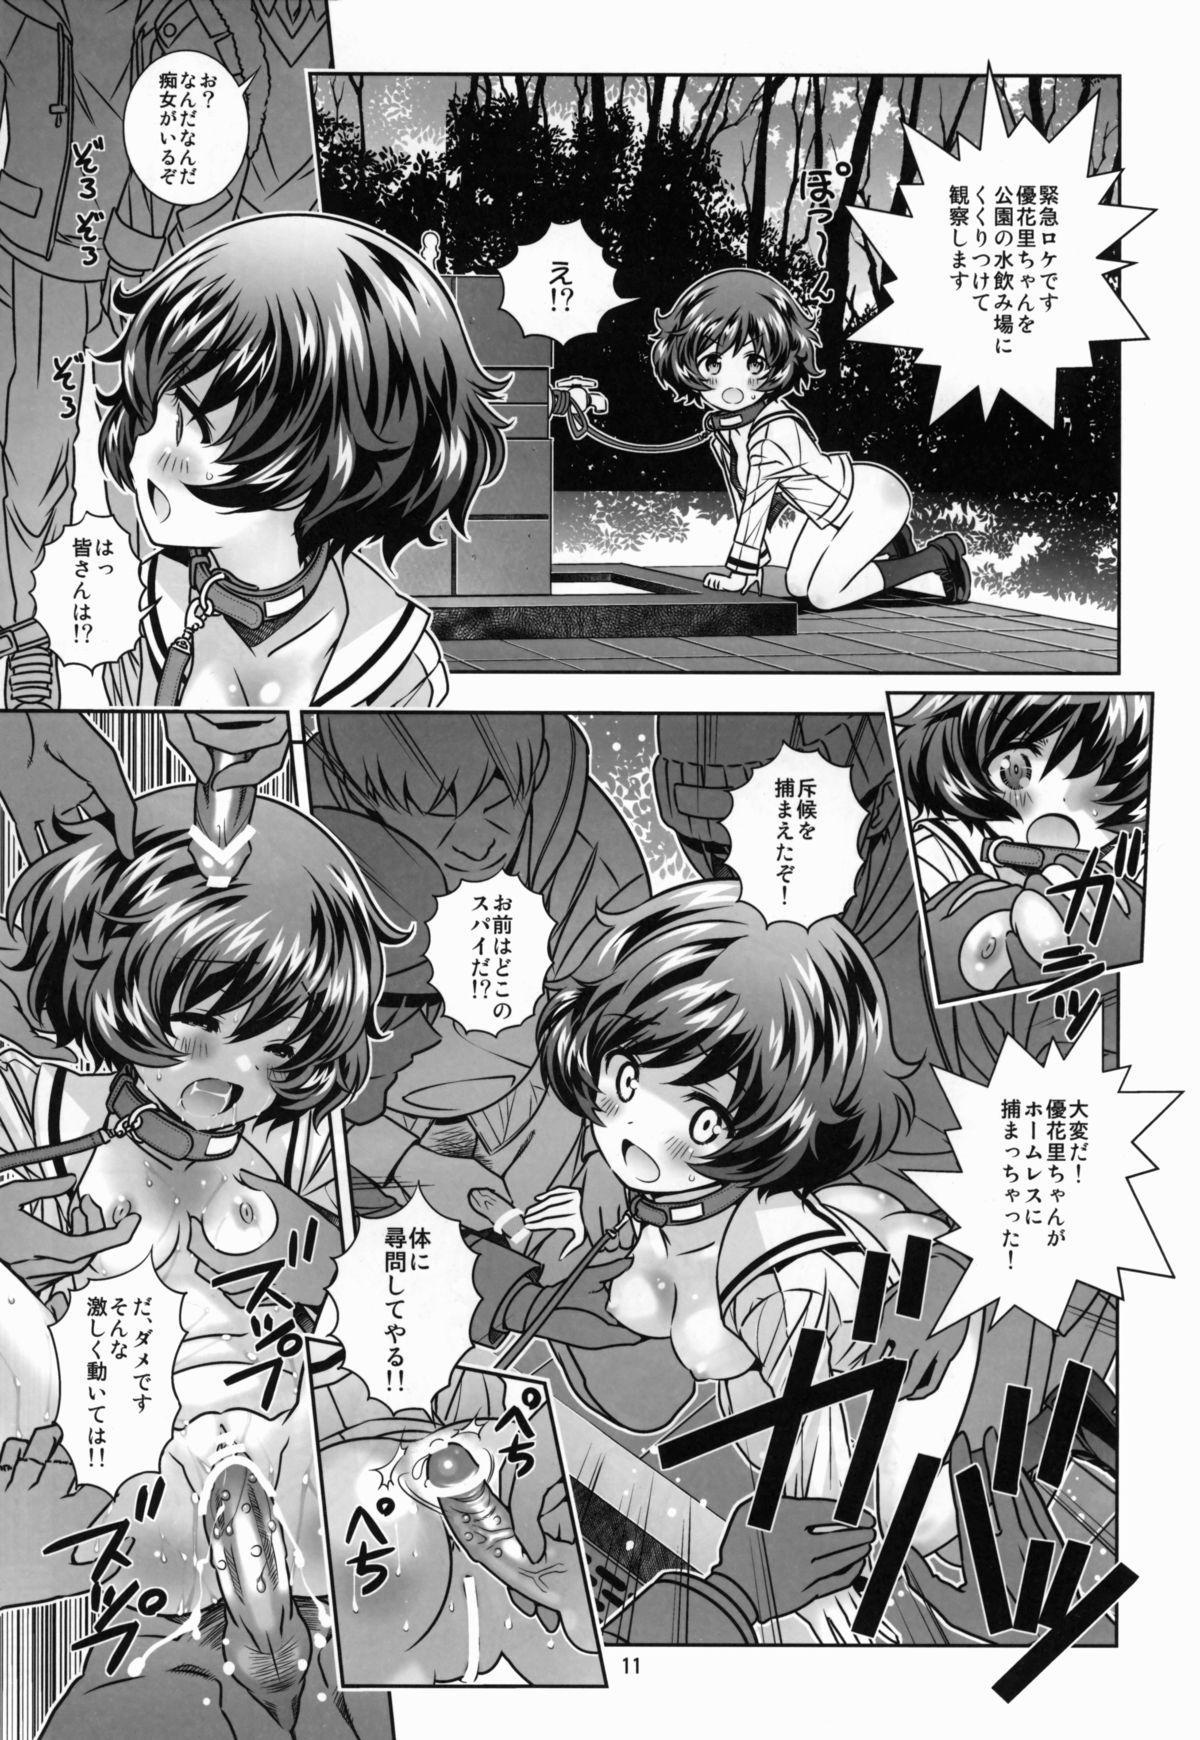 AV Shutsuen, Ganbarimasu! Danshi no Ue demo Choushinchisenkaishichatta 10